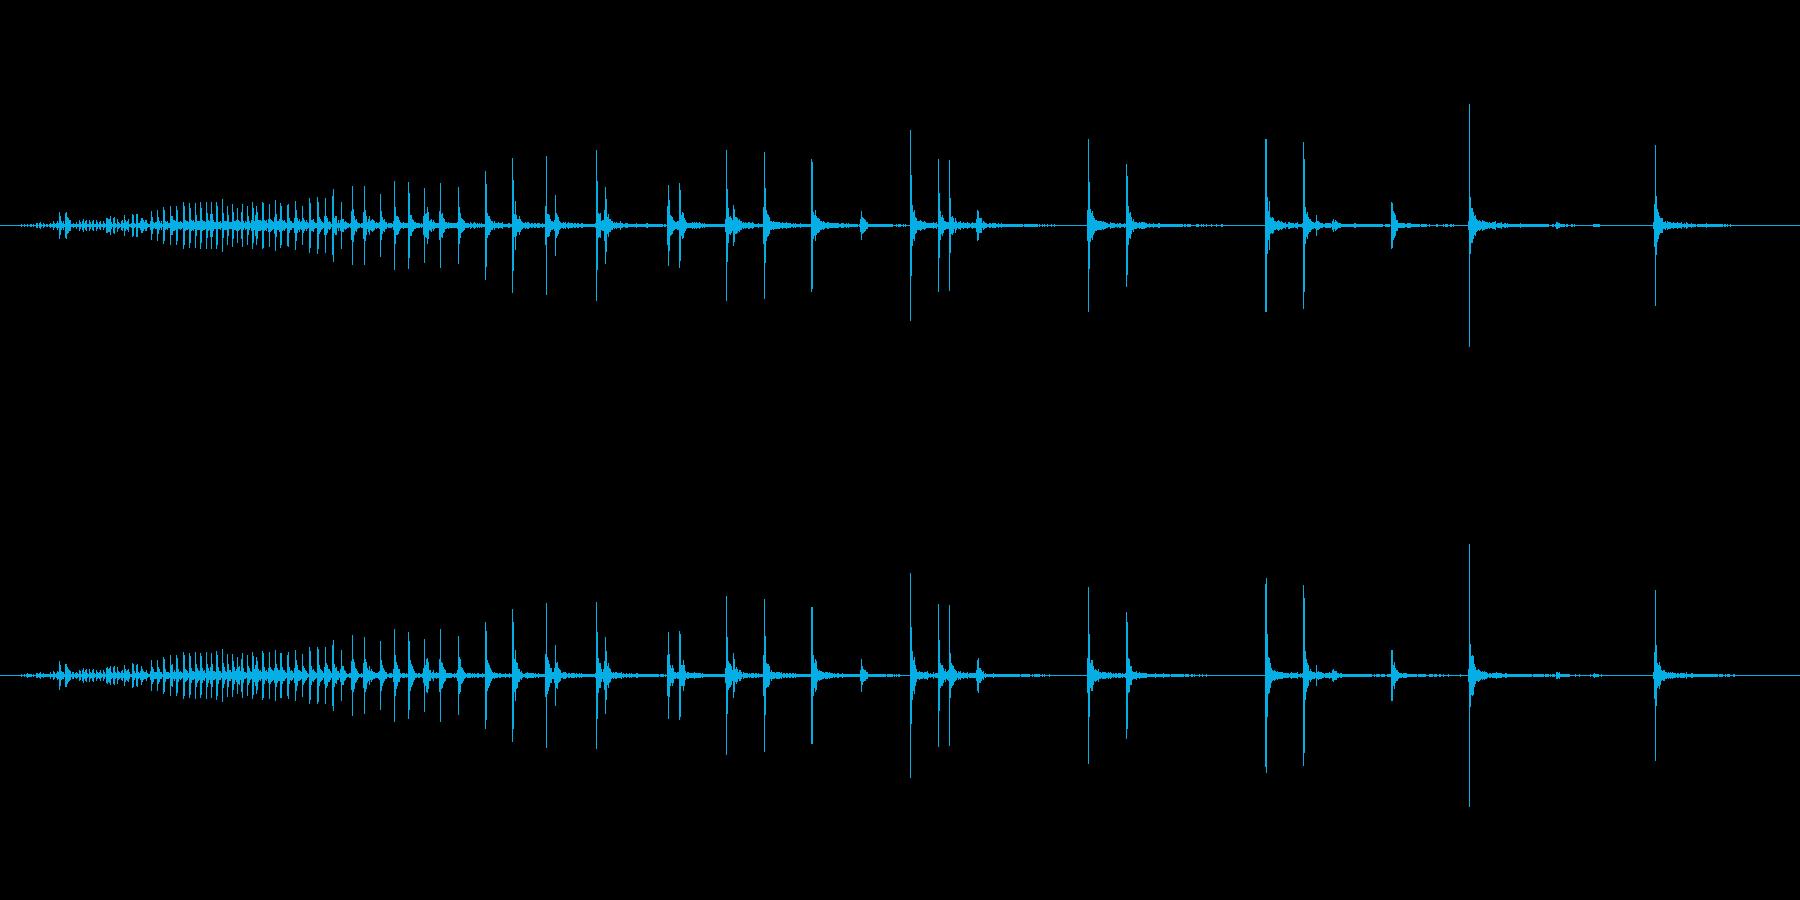 【生録音】軋む音 ギーー 1の再生済みの波形